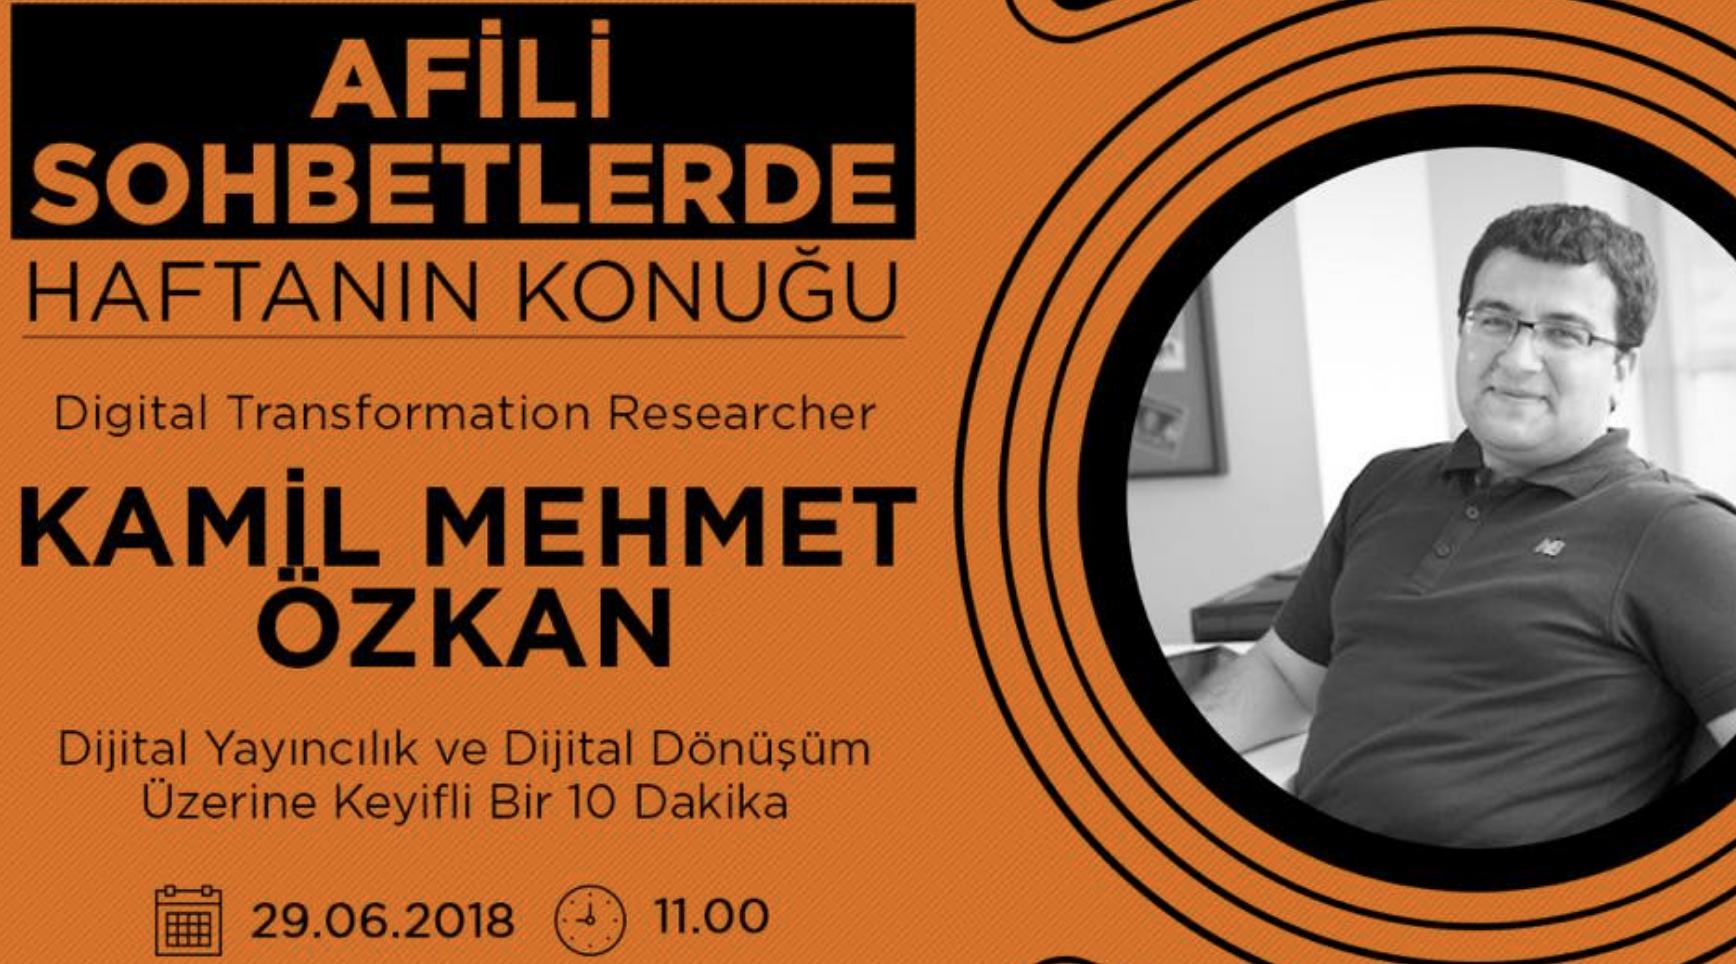 Kamil Mehmet Özkan İle AFILi Sohbetlerde Görüştük